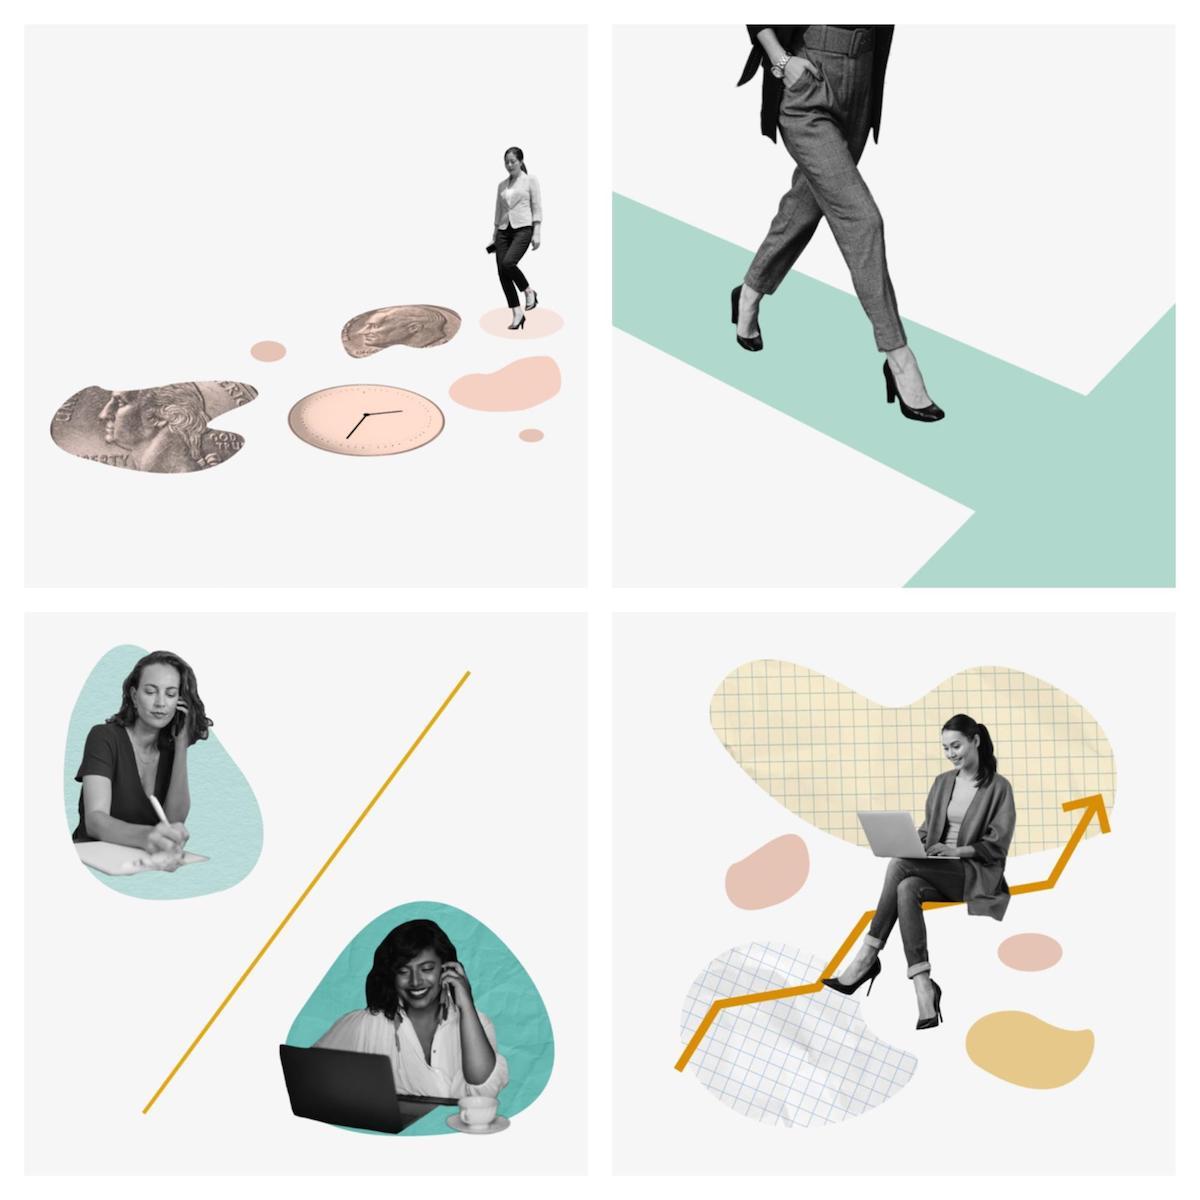 Tendencias de diseño gráfico 2020 - Paletas de colores apagados 11